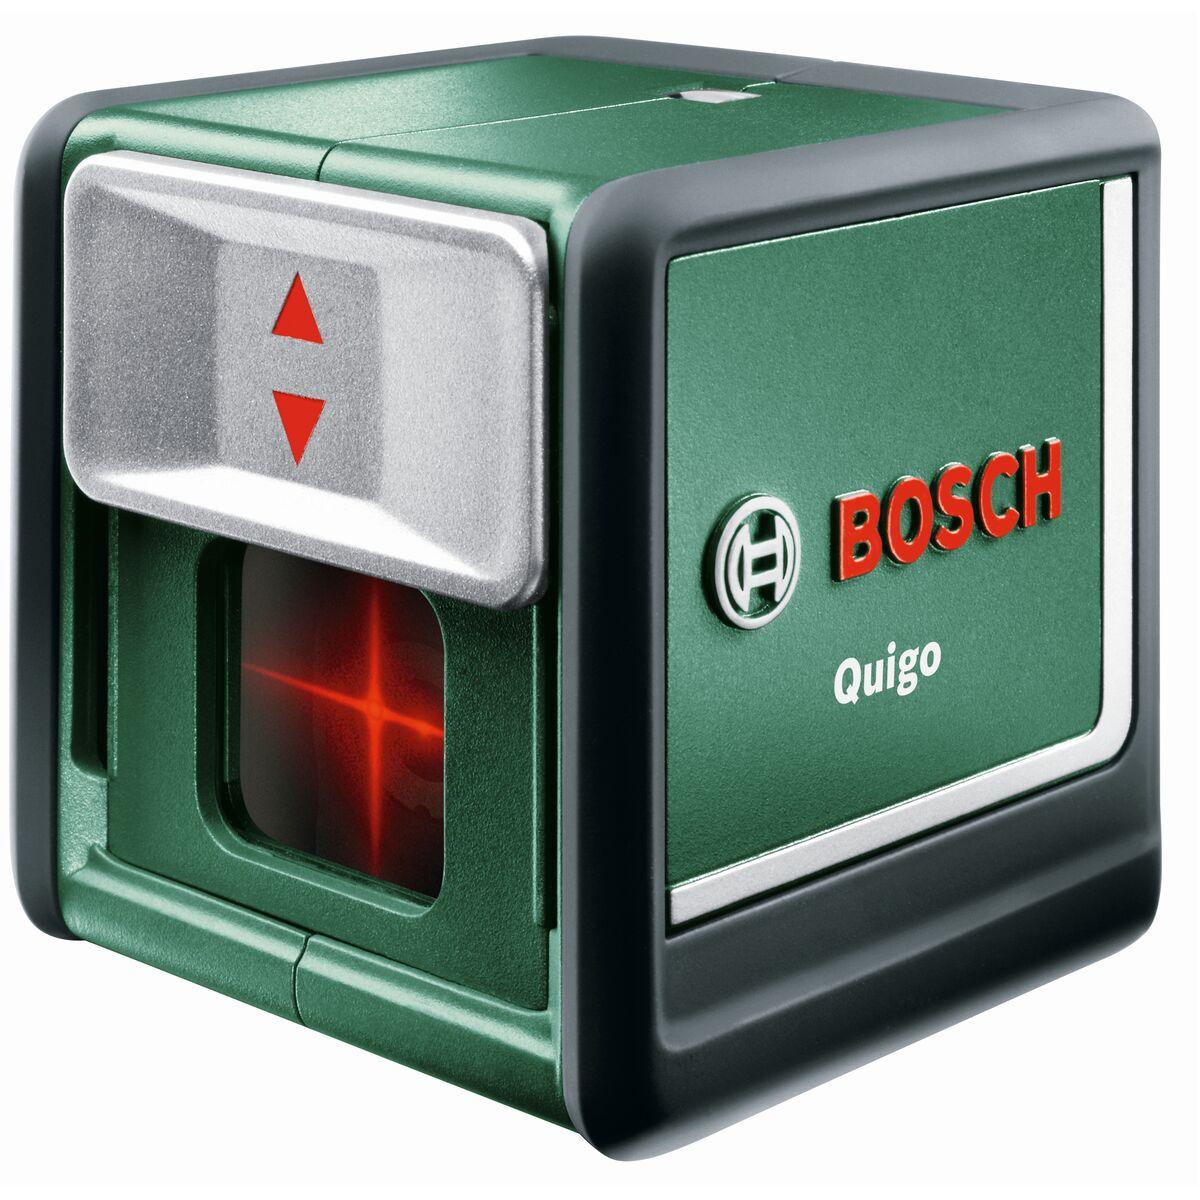 Laser Krzyzowy 10 M Bosch Quigo Iii Urzadzenia Laserowe W Atrakcyjnej Cenie W Sklepach Leroy Merlin